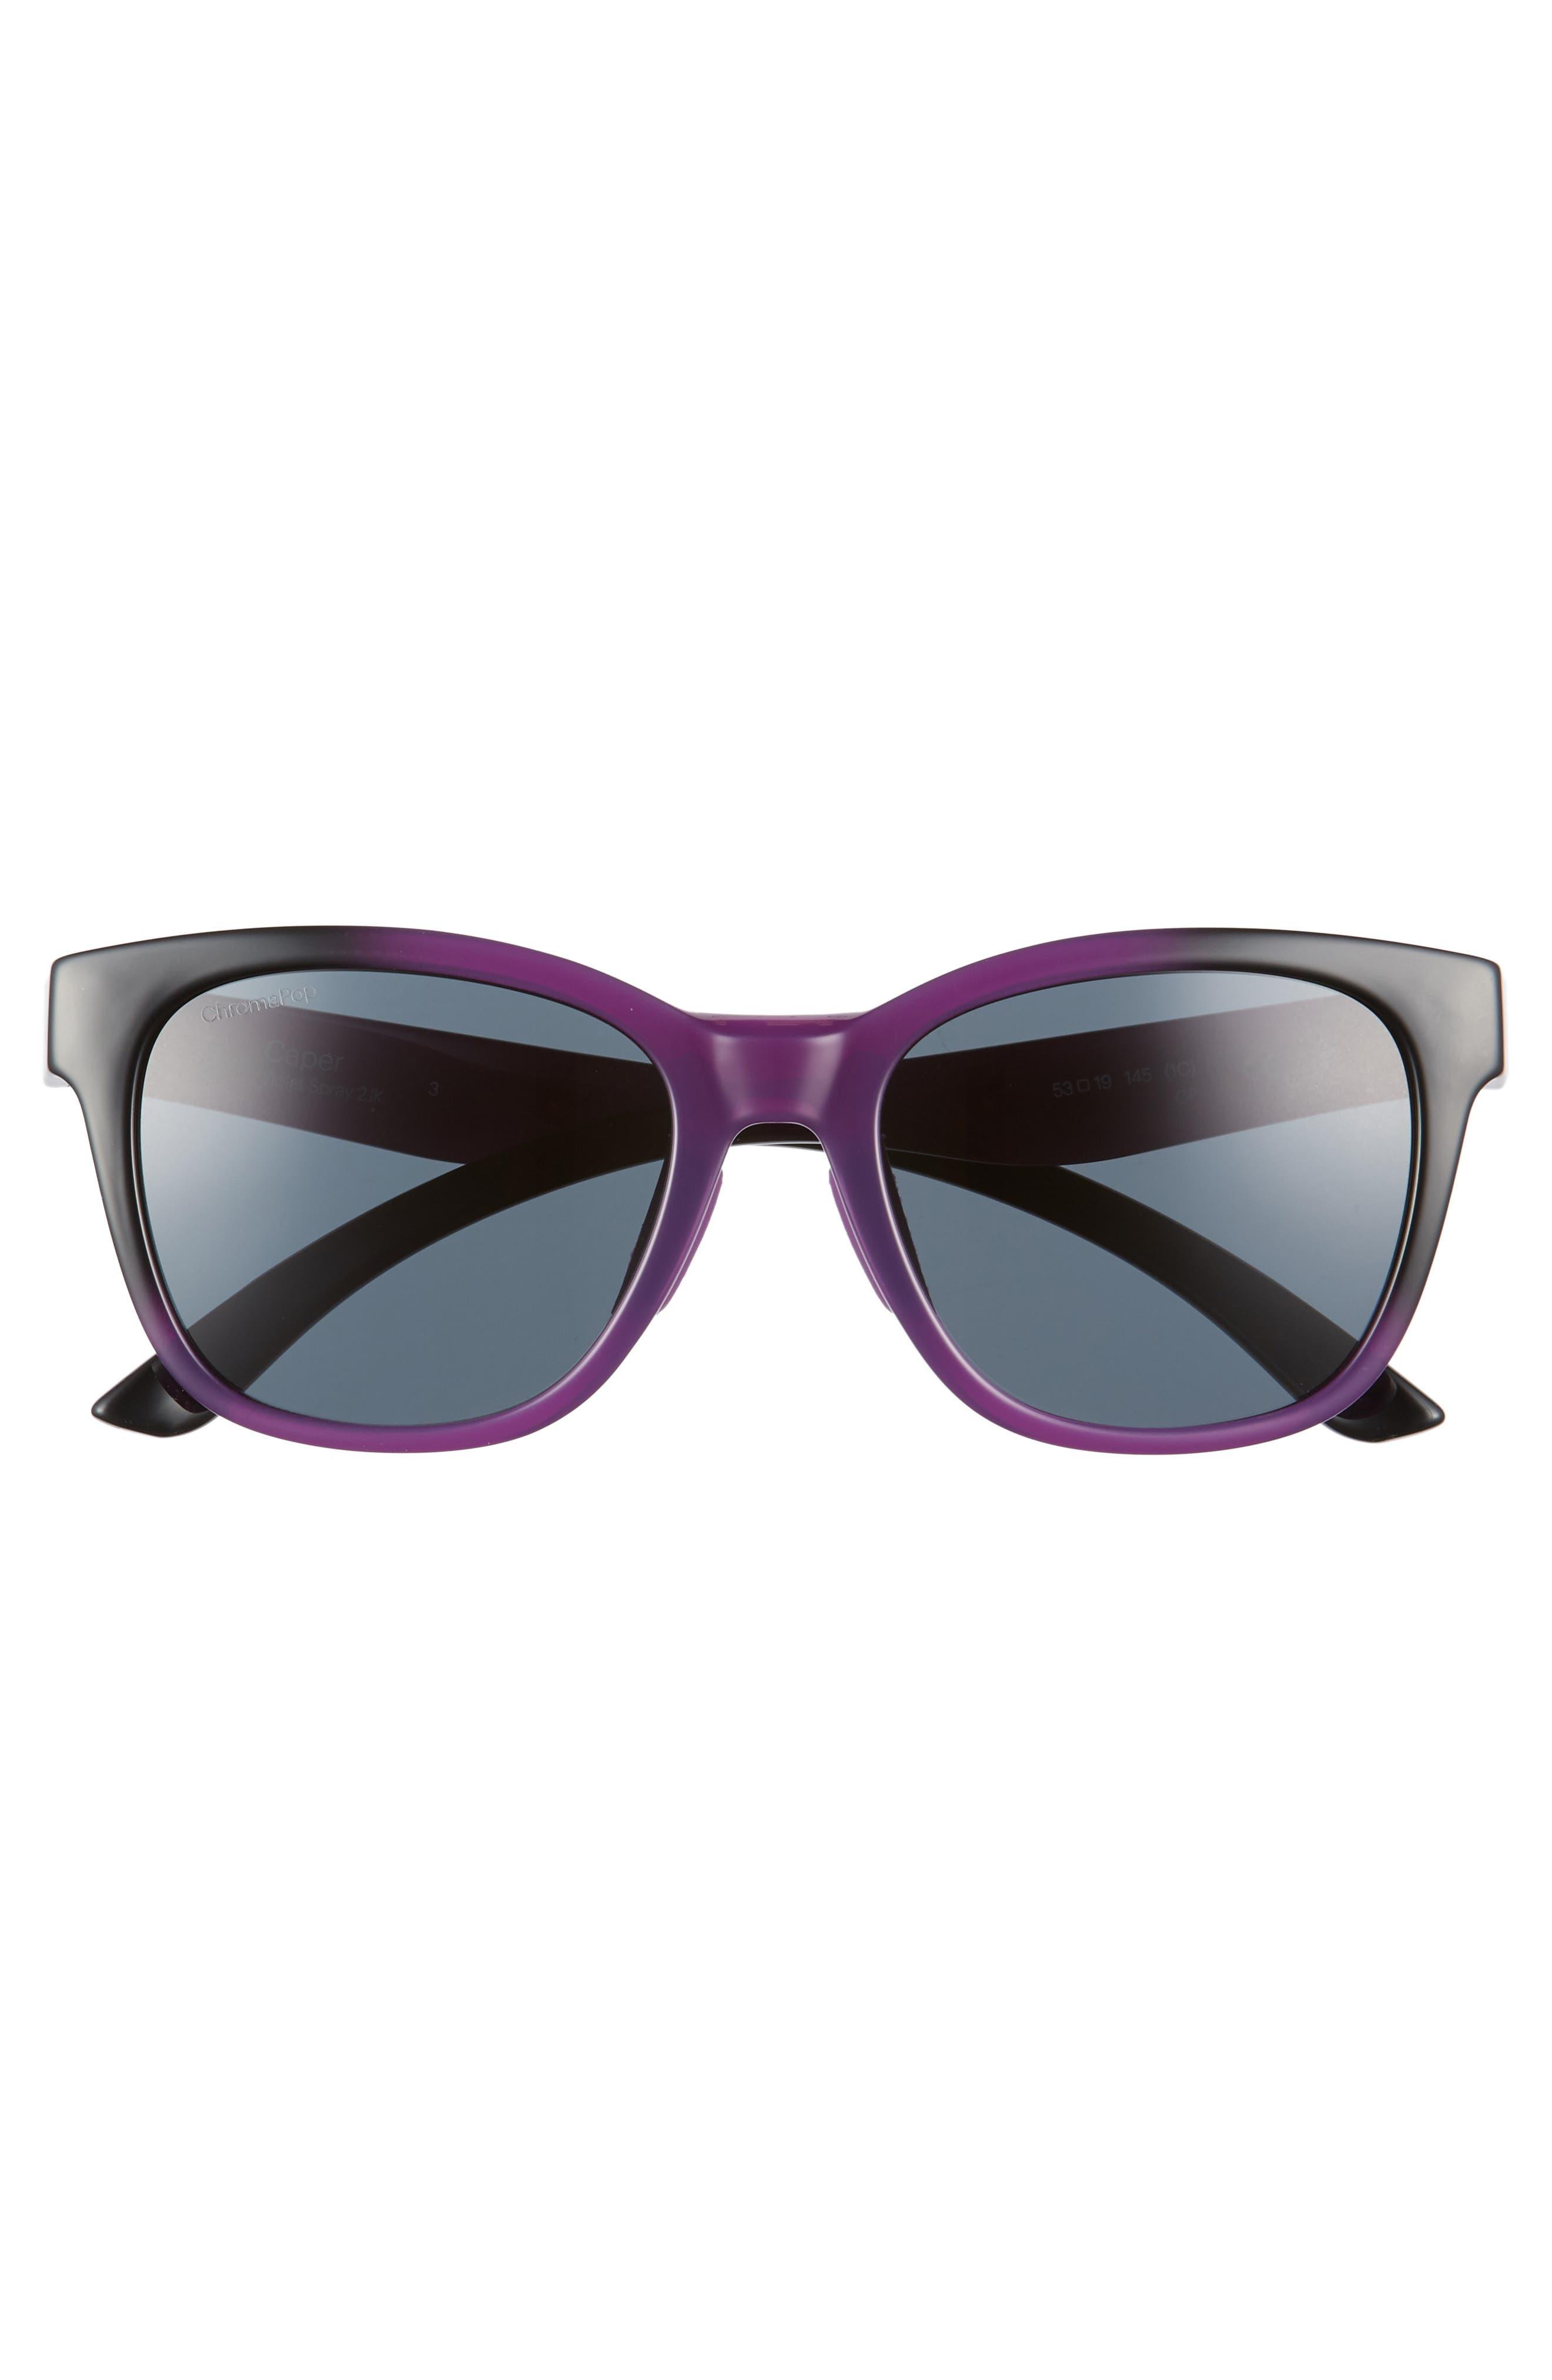 Caper 53mm ChromaPop<sup>™</sup> Square Sunglasses,                             Alternate thumbnail 3, color,                             Violet Spray